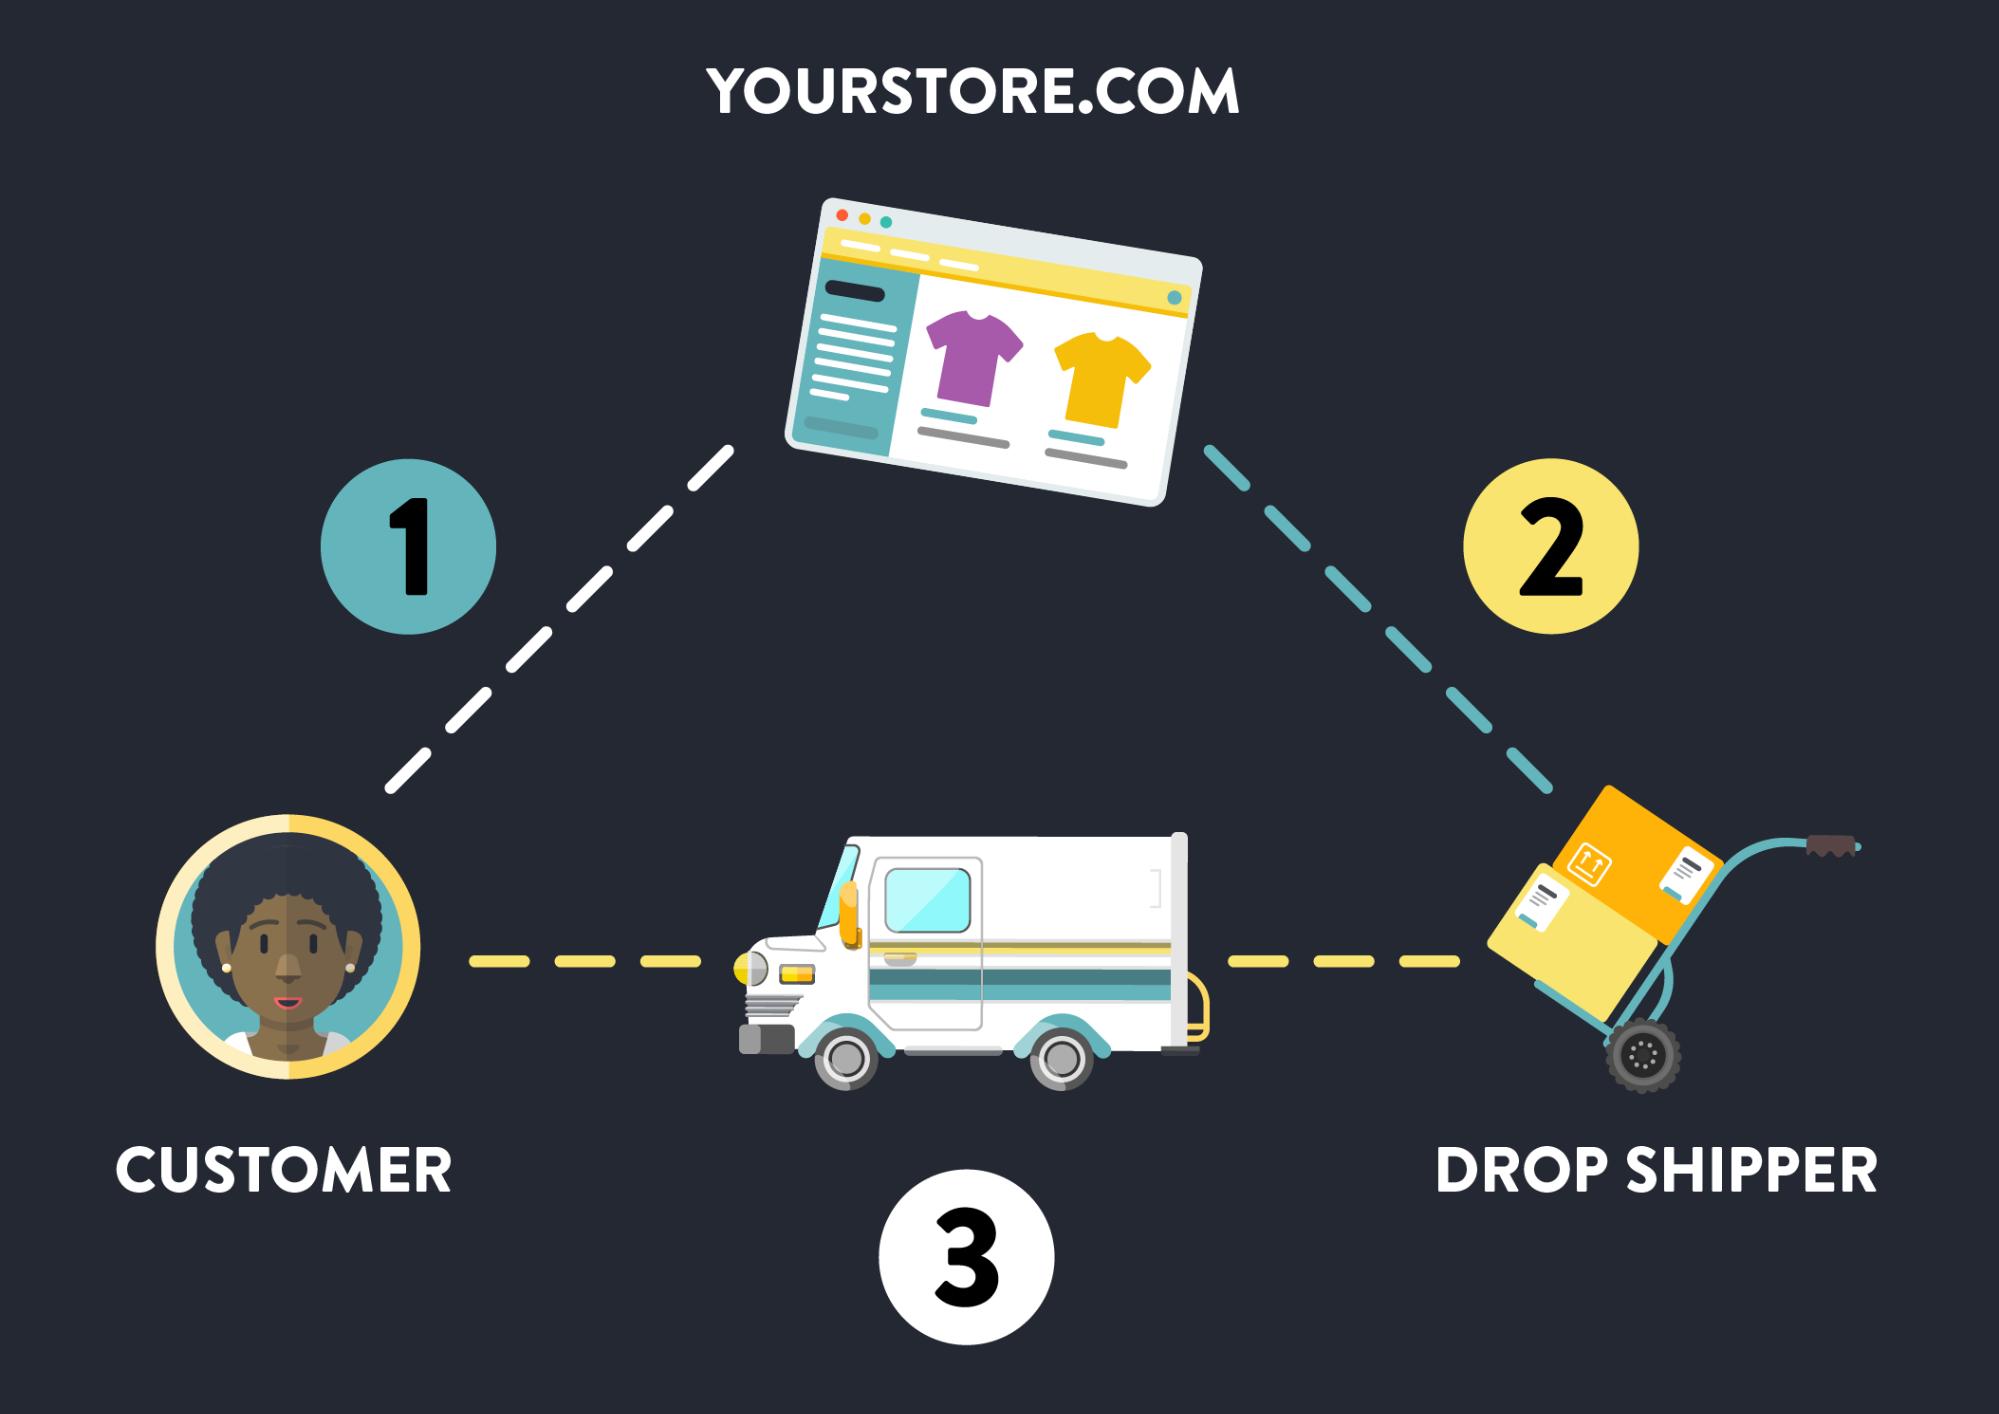 Screenshot showing a dropshipping store diagram